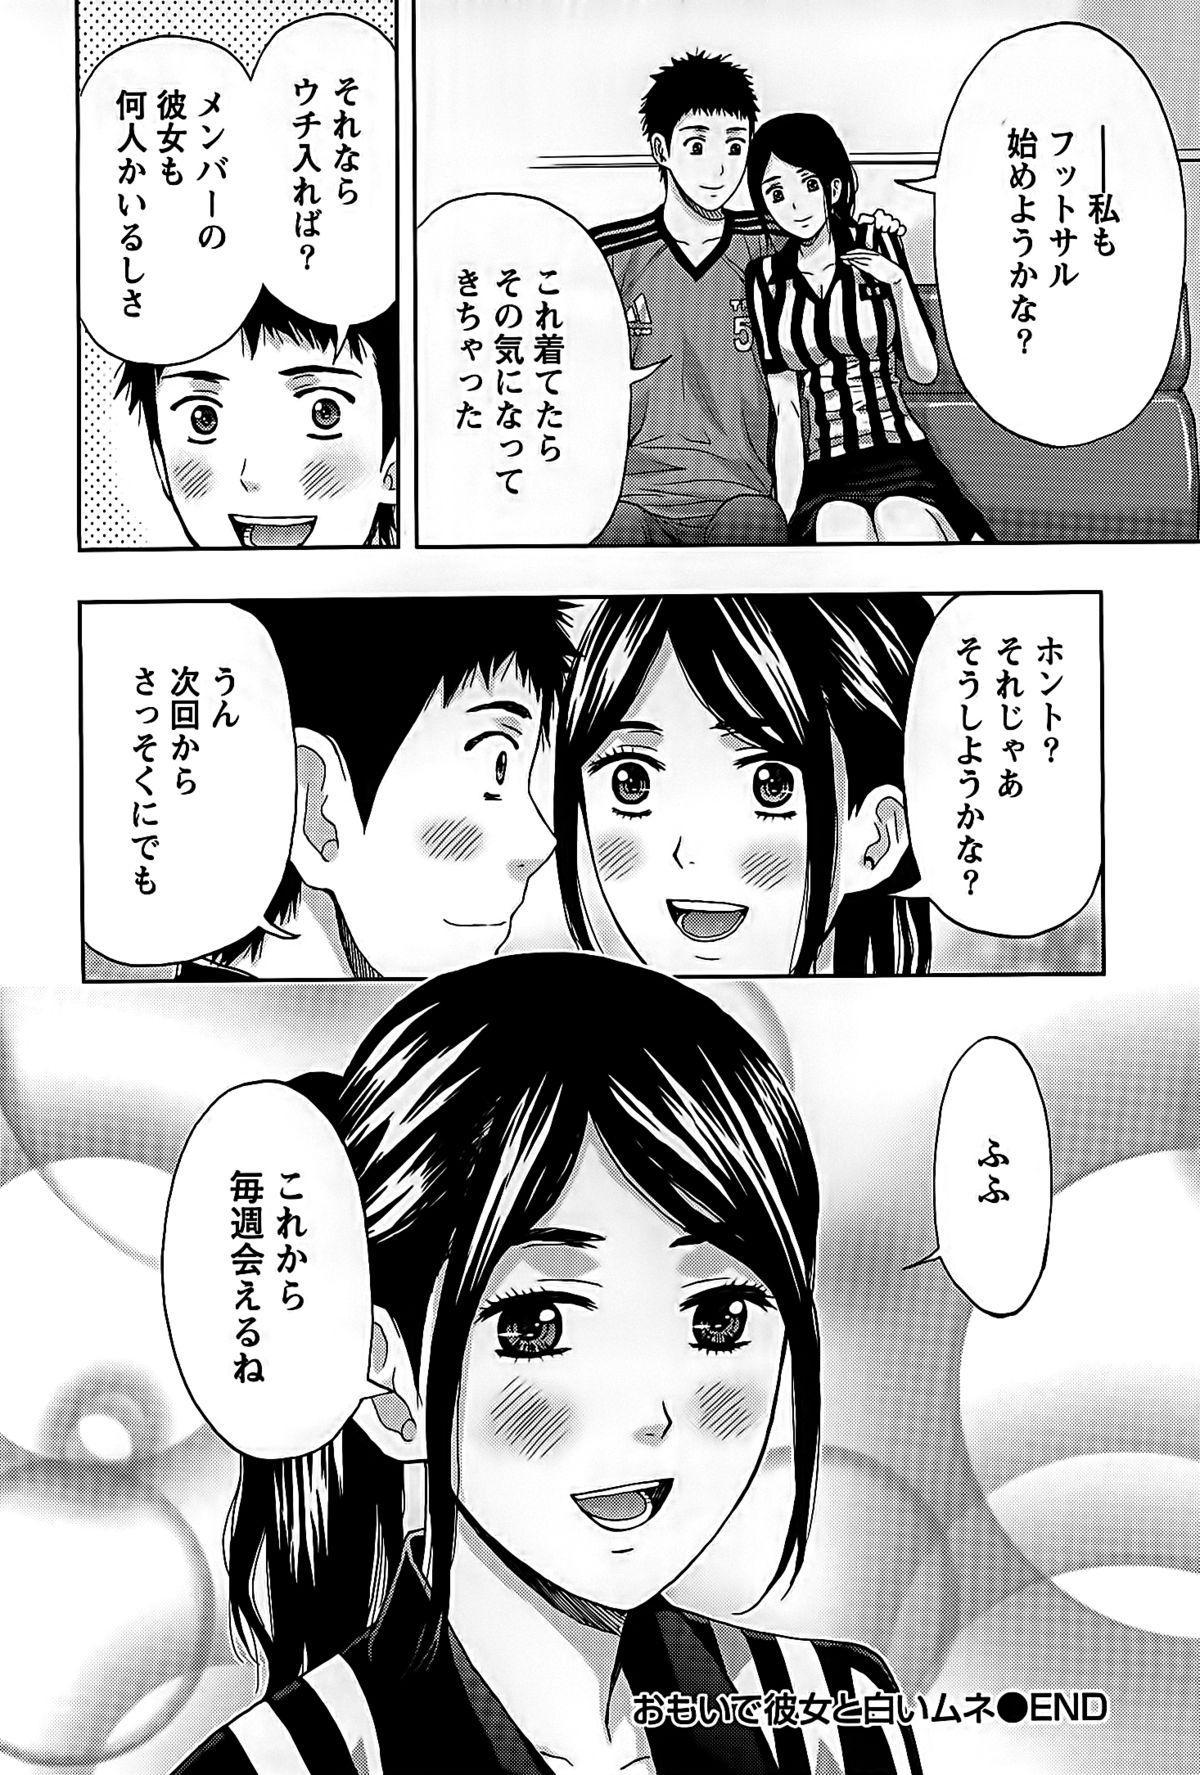 Shittori Lady to Amai Mitsu 146